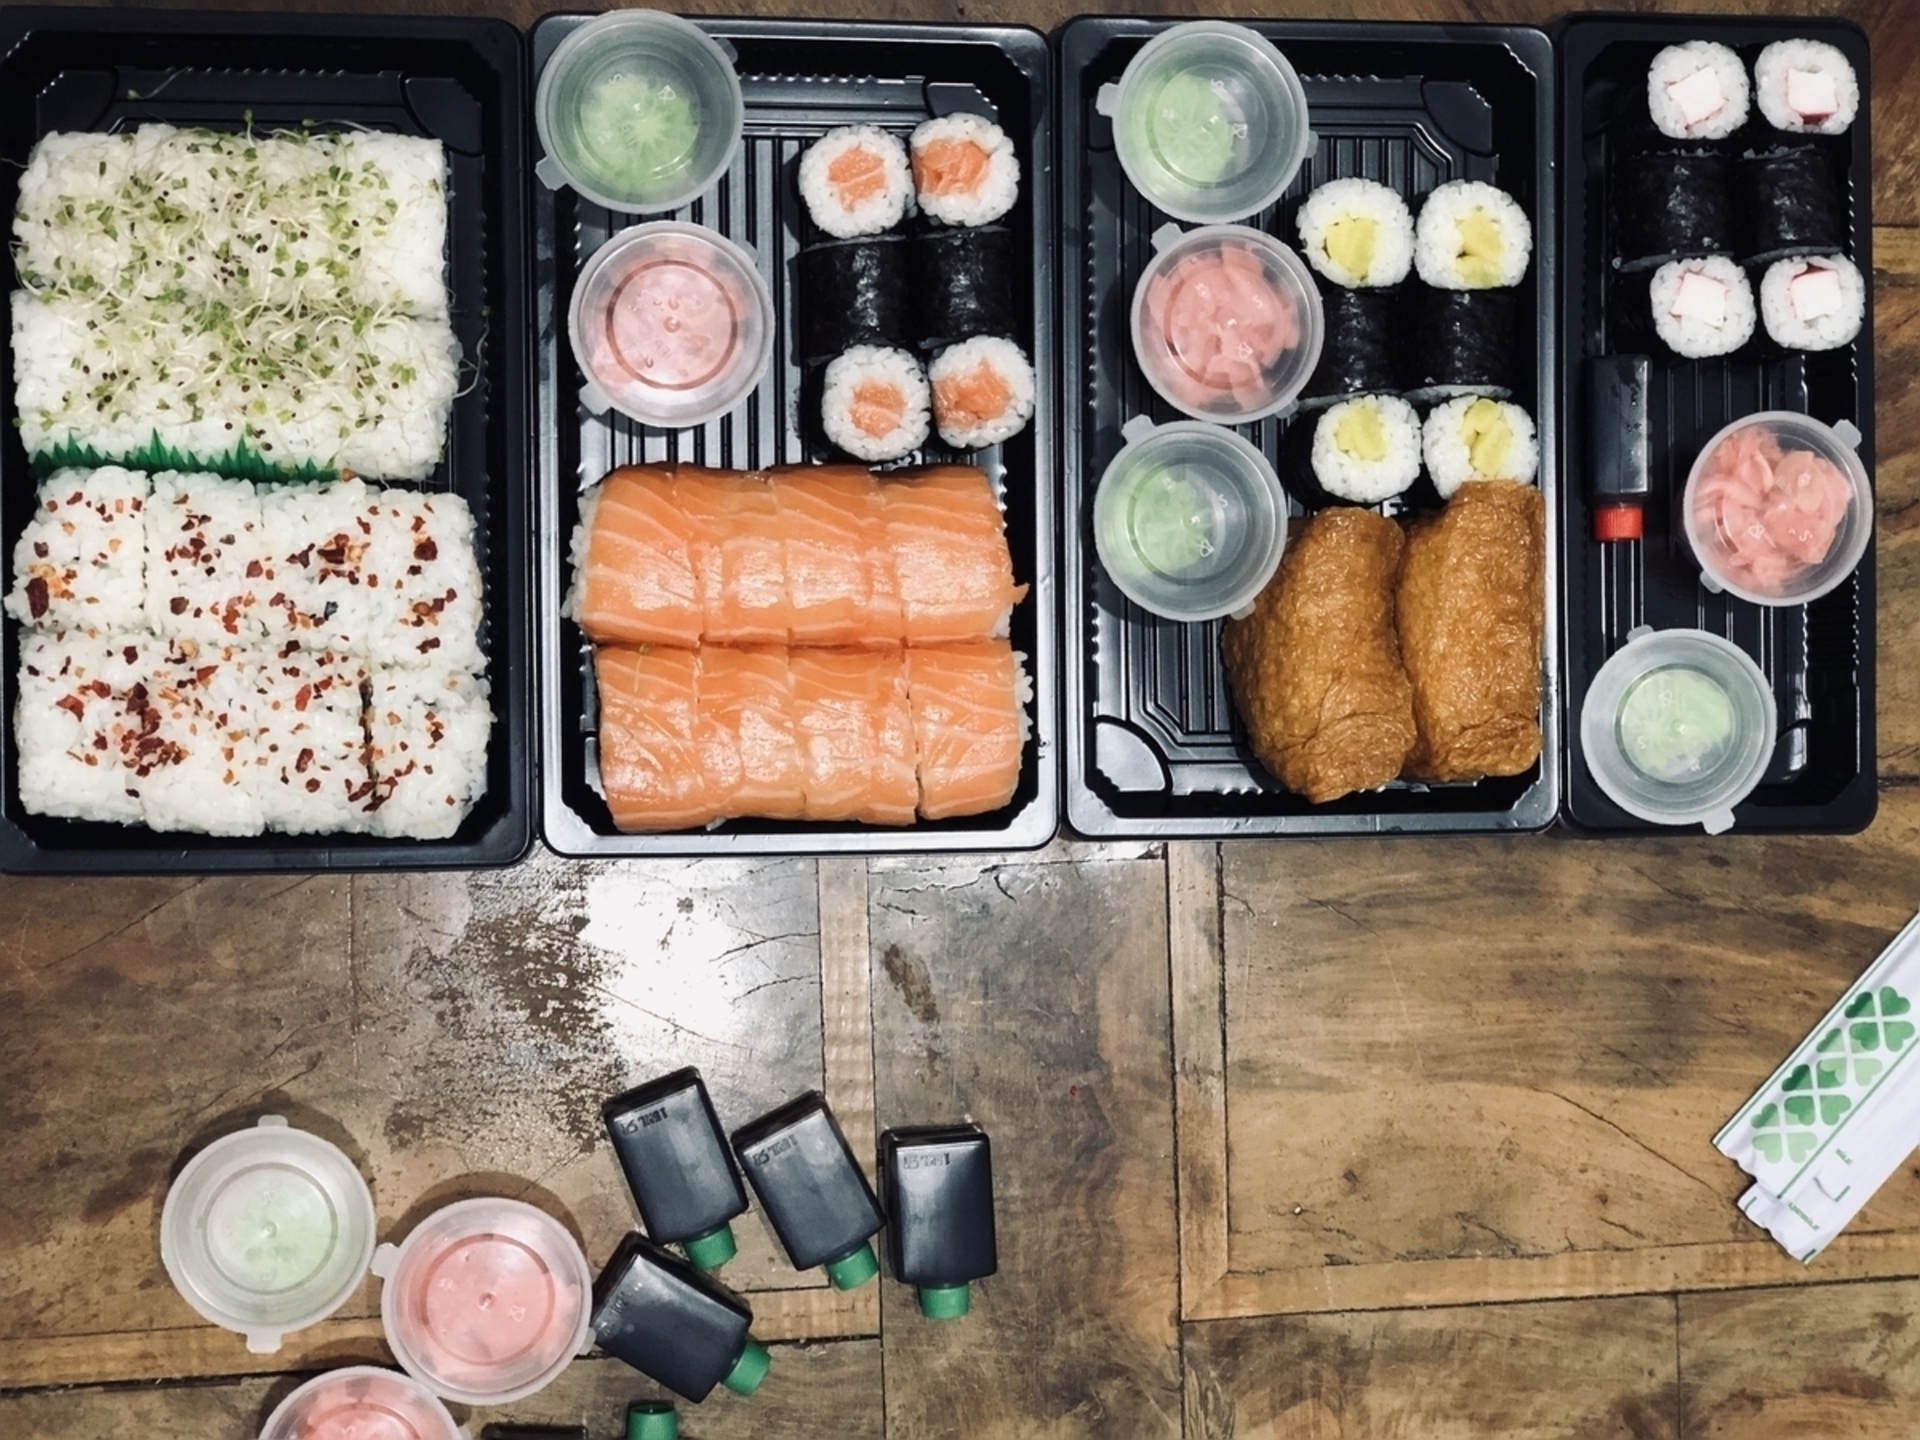 """HipMenu livrează gratuit până în 15 noiembrie, motiv pentru care am organizat o """"cină spontană"""" în echipă"""